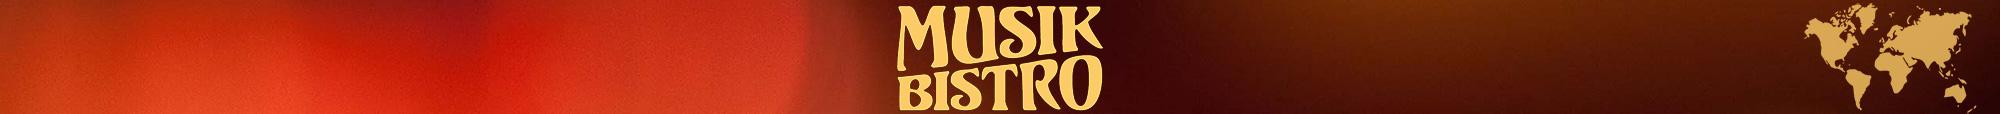 Musikbistro